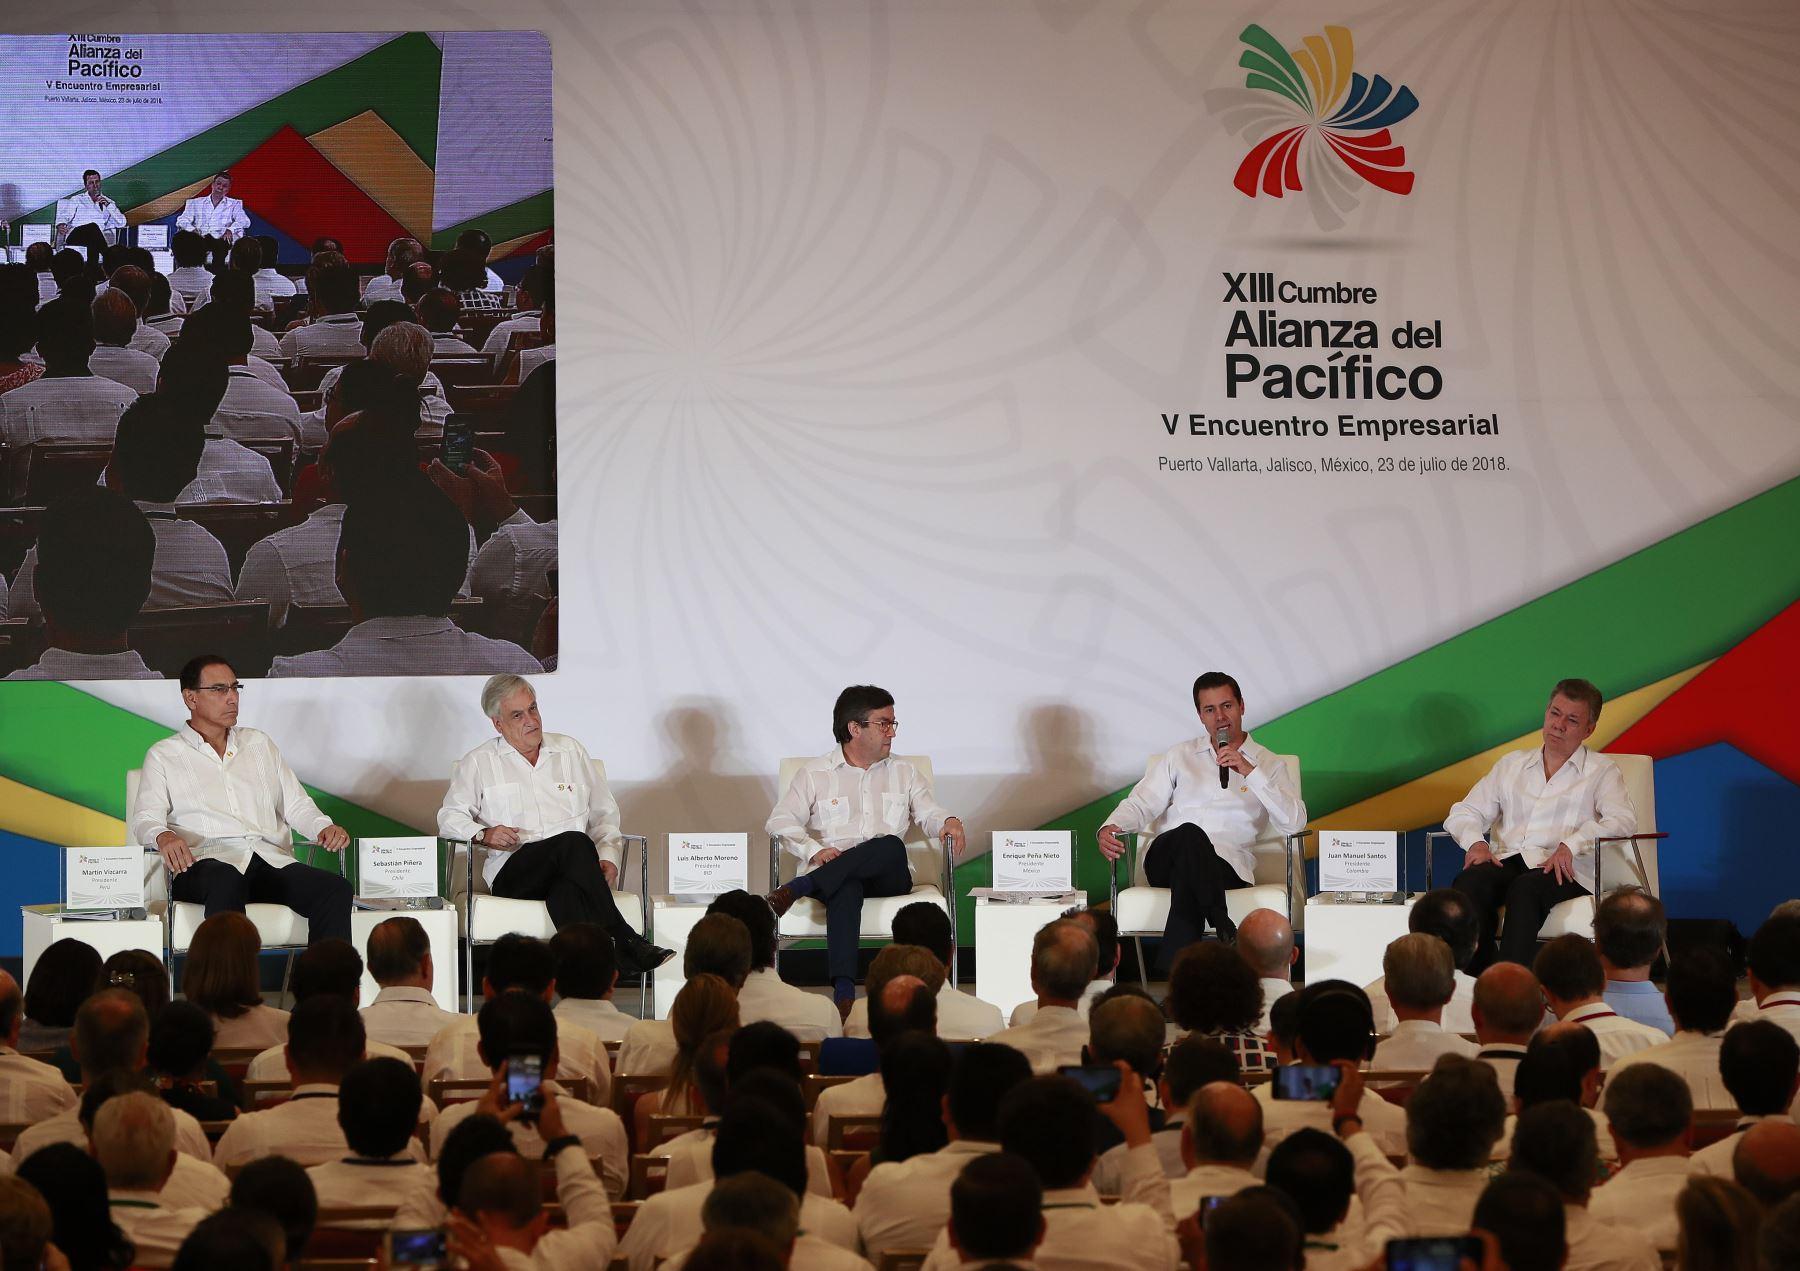 XIII Cumbre de la Alianza del Pacífico que se desarrolló en México.